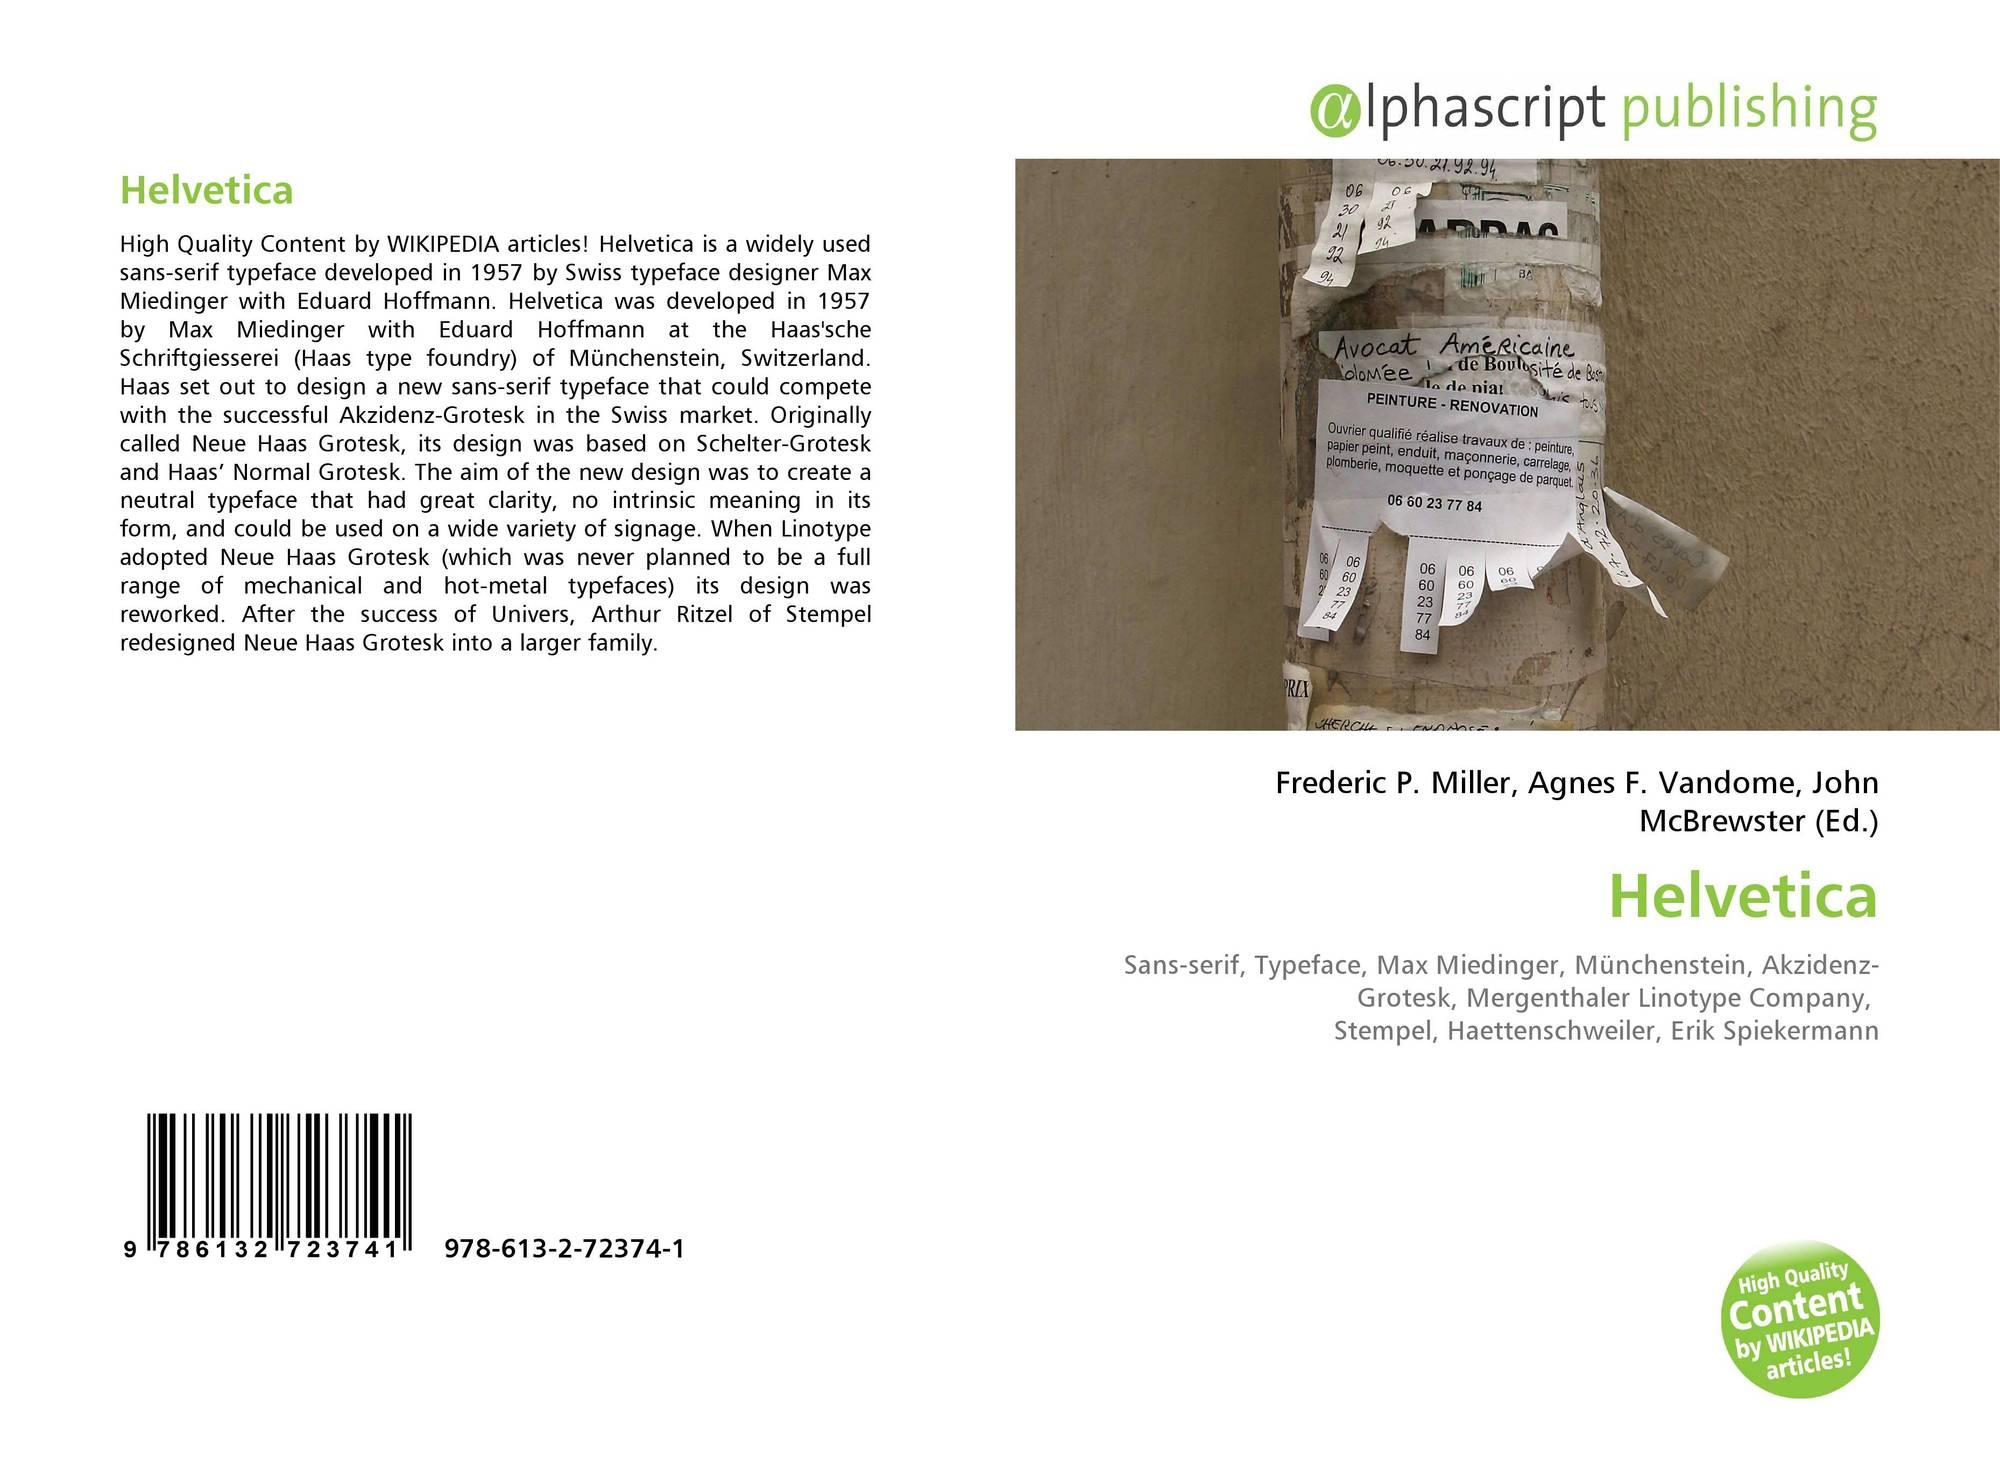 Helvetica, 978-613-2-72374-1, 6132723749 ,9786132723741